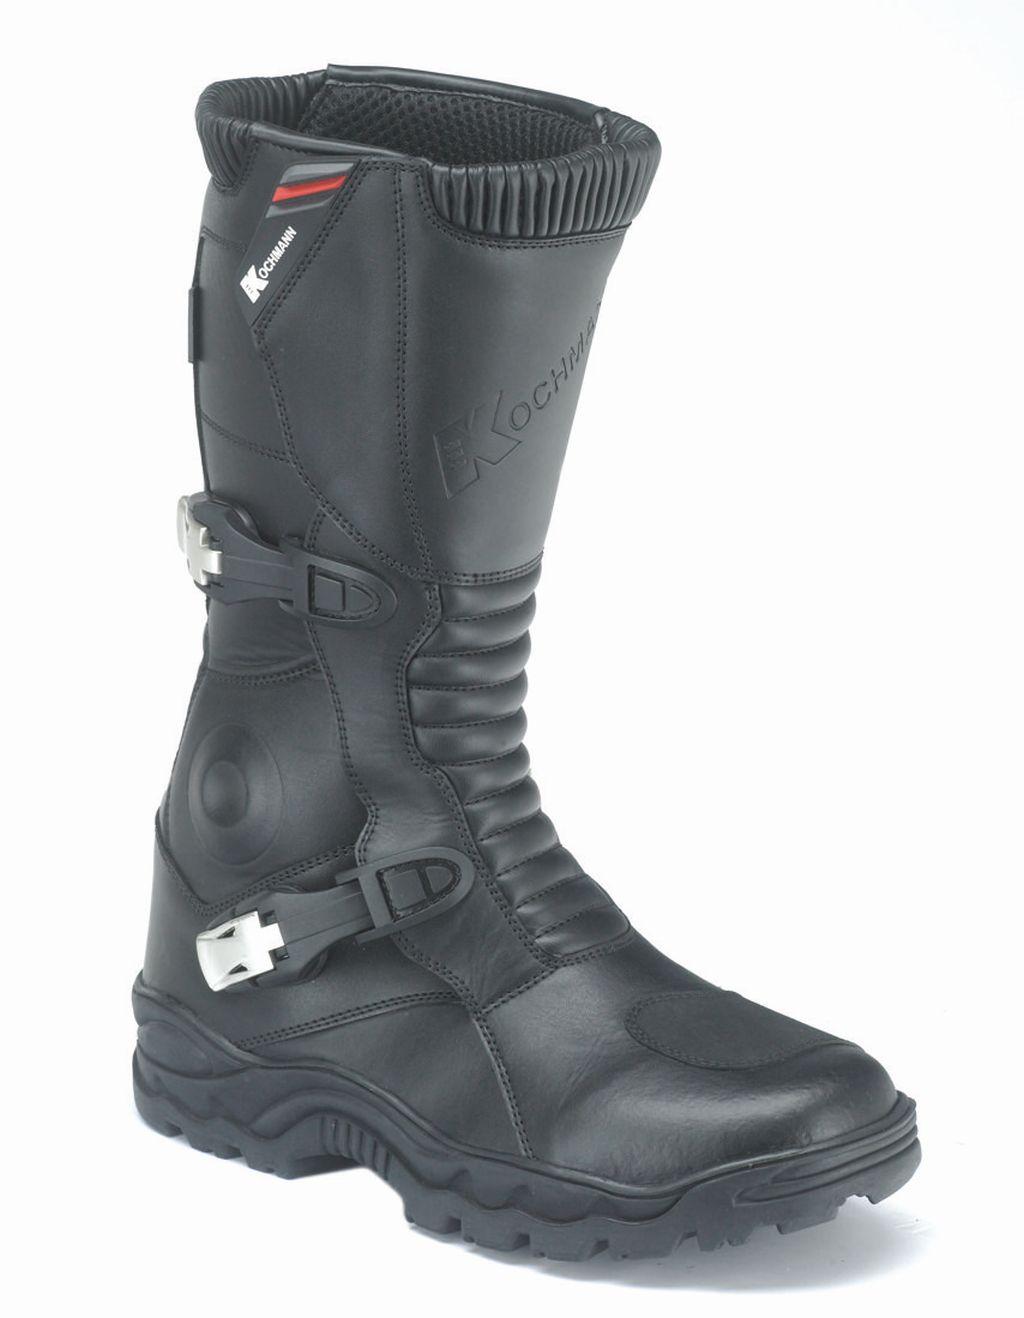 Motorrad Cross Stiefel Enduro Moto Cross Leder schwarz Desert 40 - 48